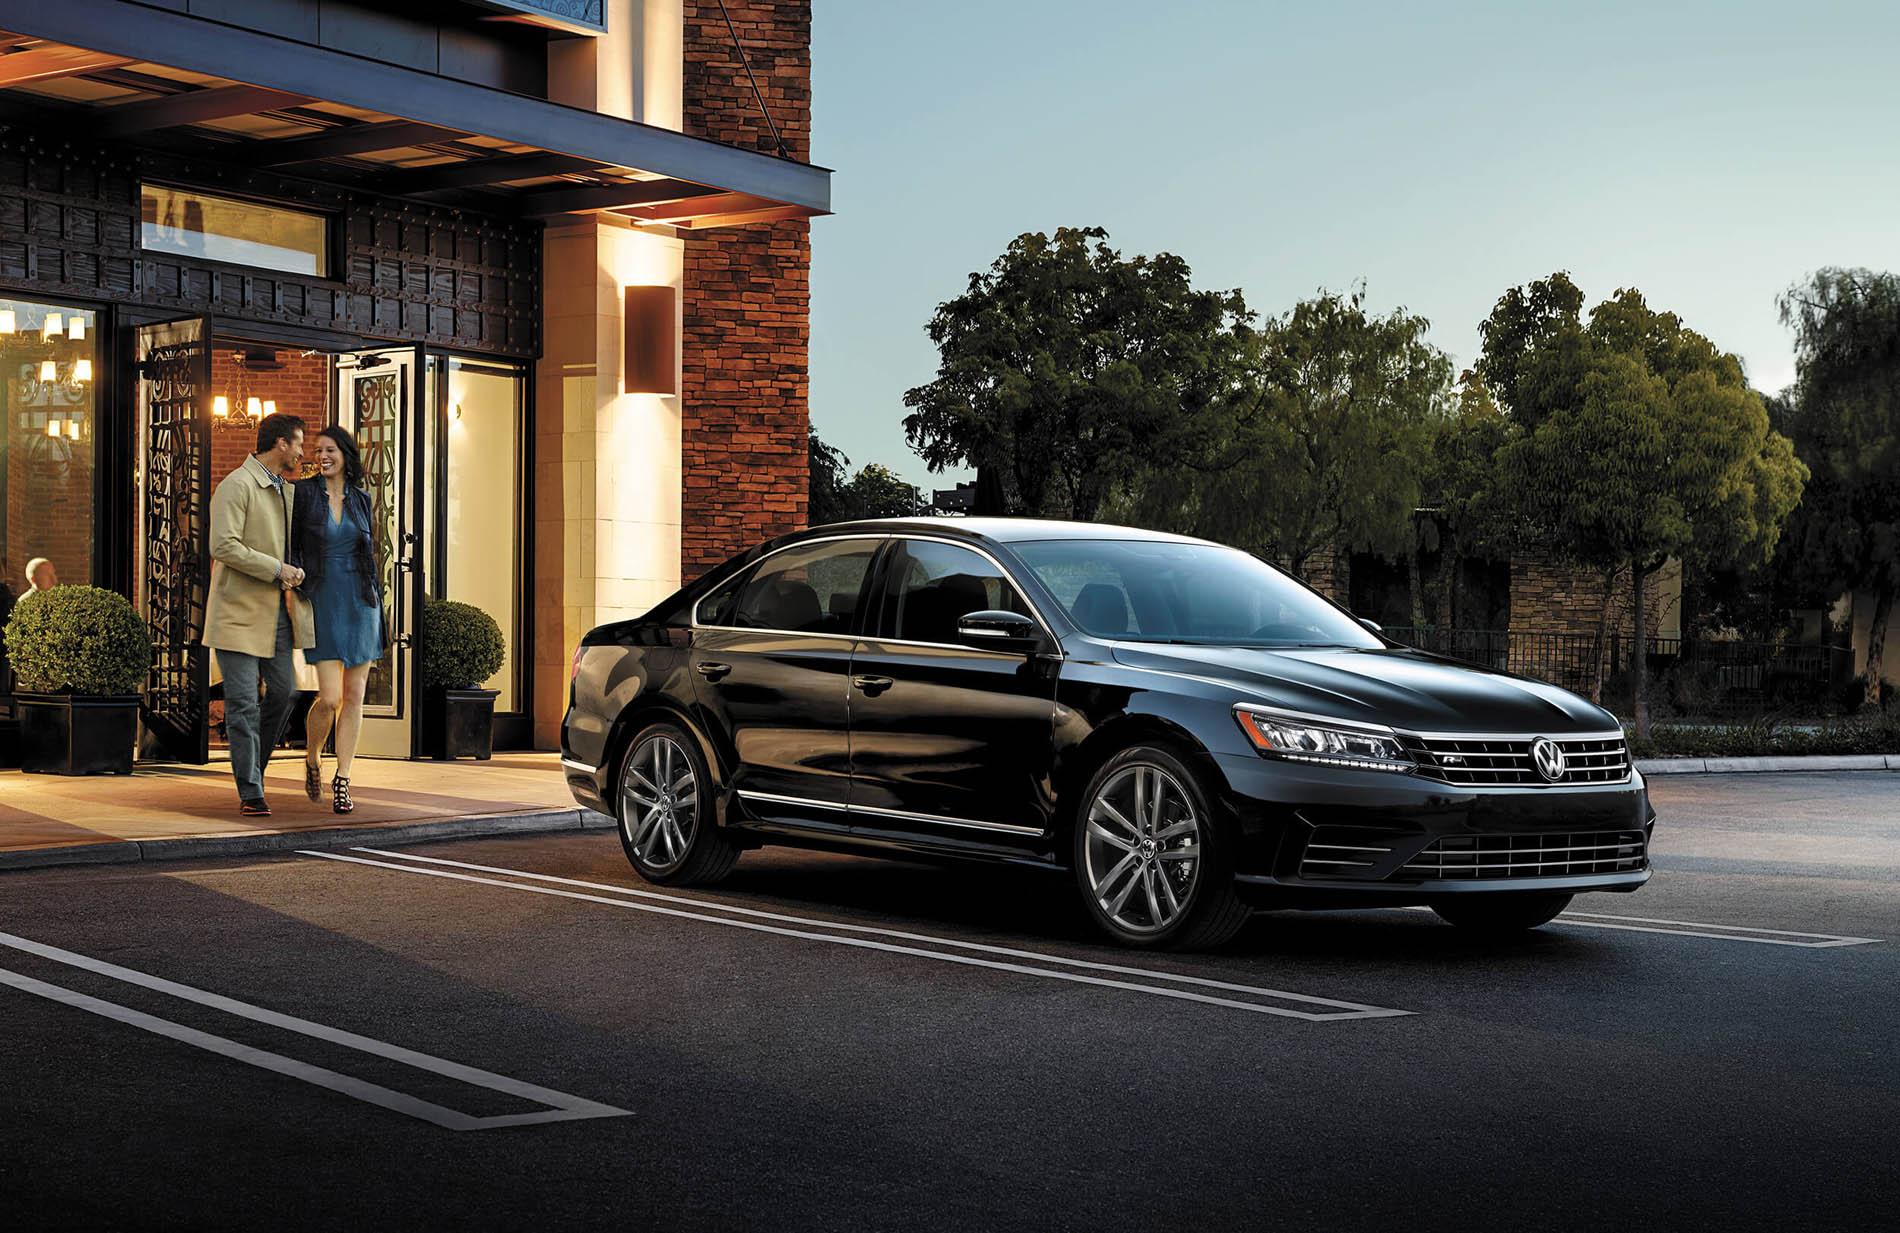 Volkswagen – World's No 1 Carmaker Despite Diesel